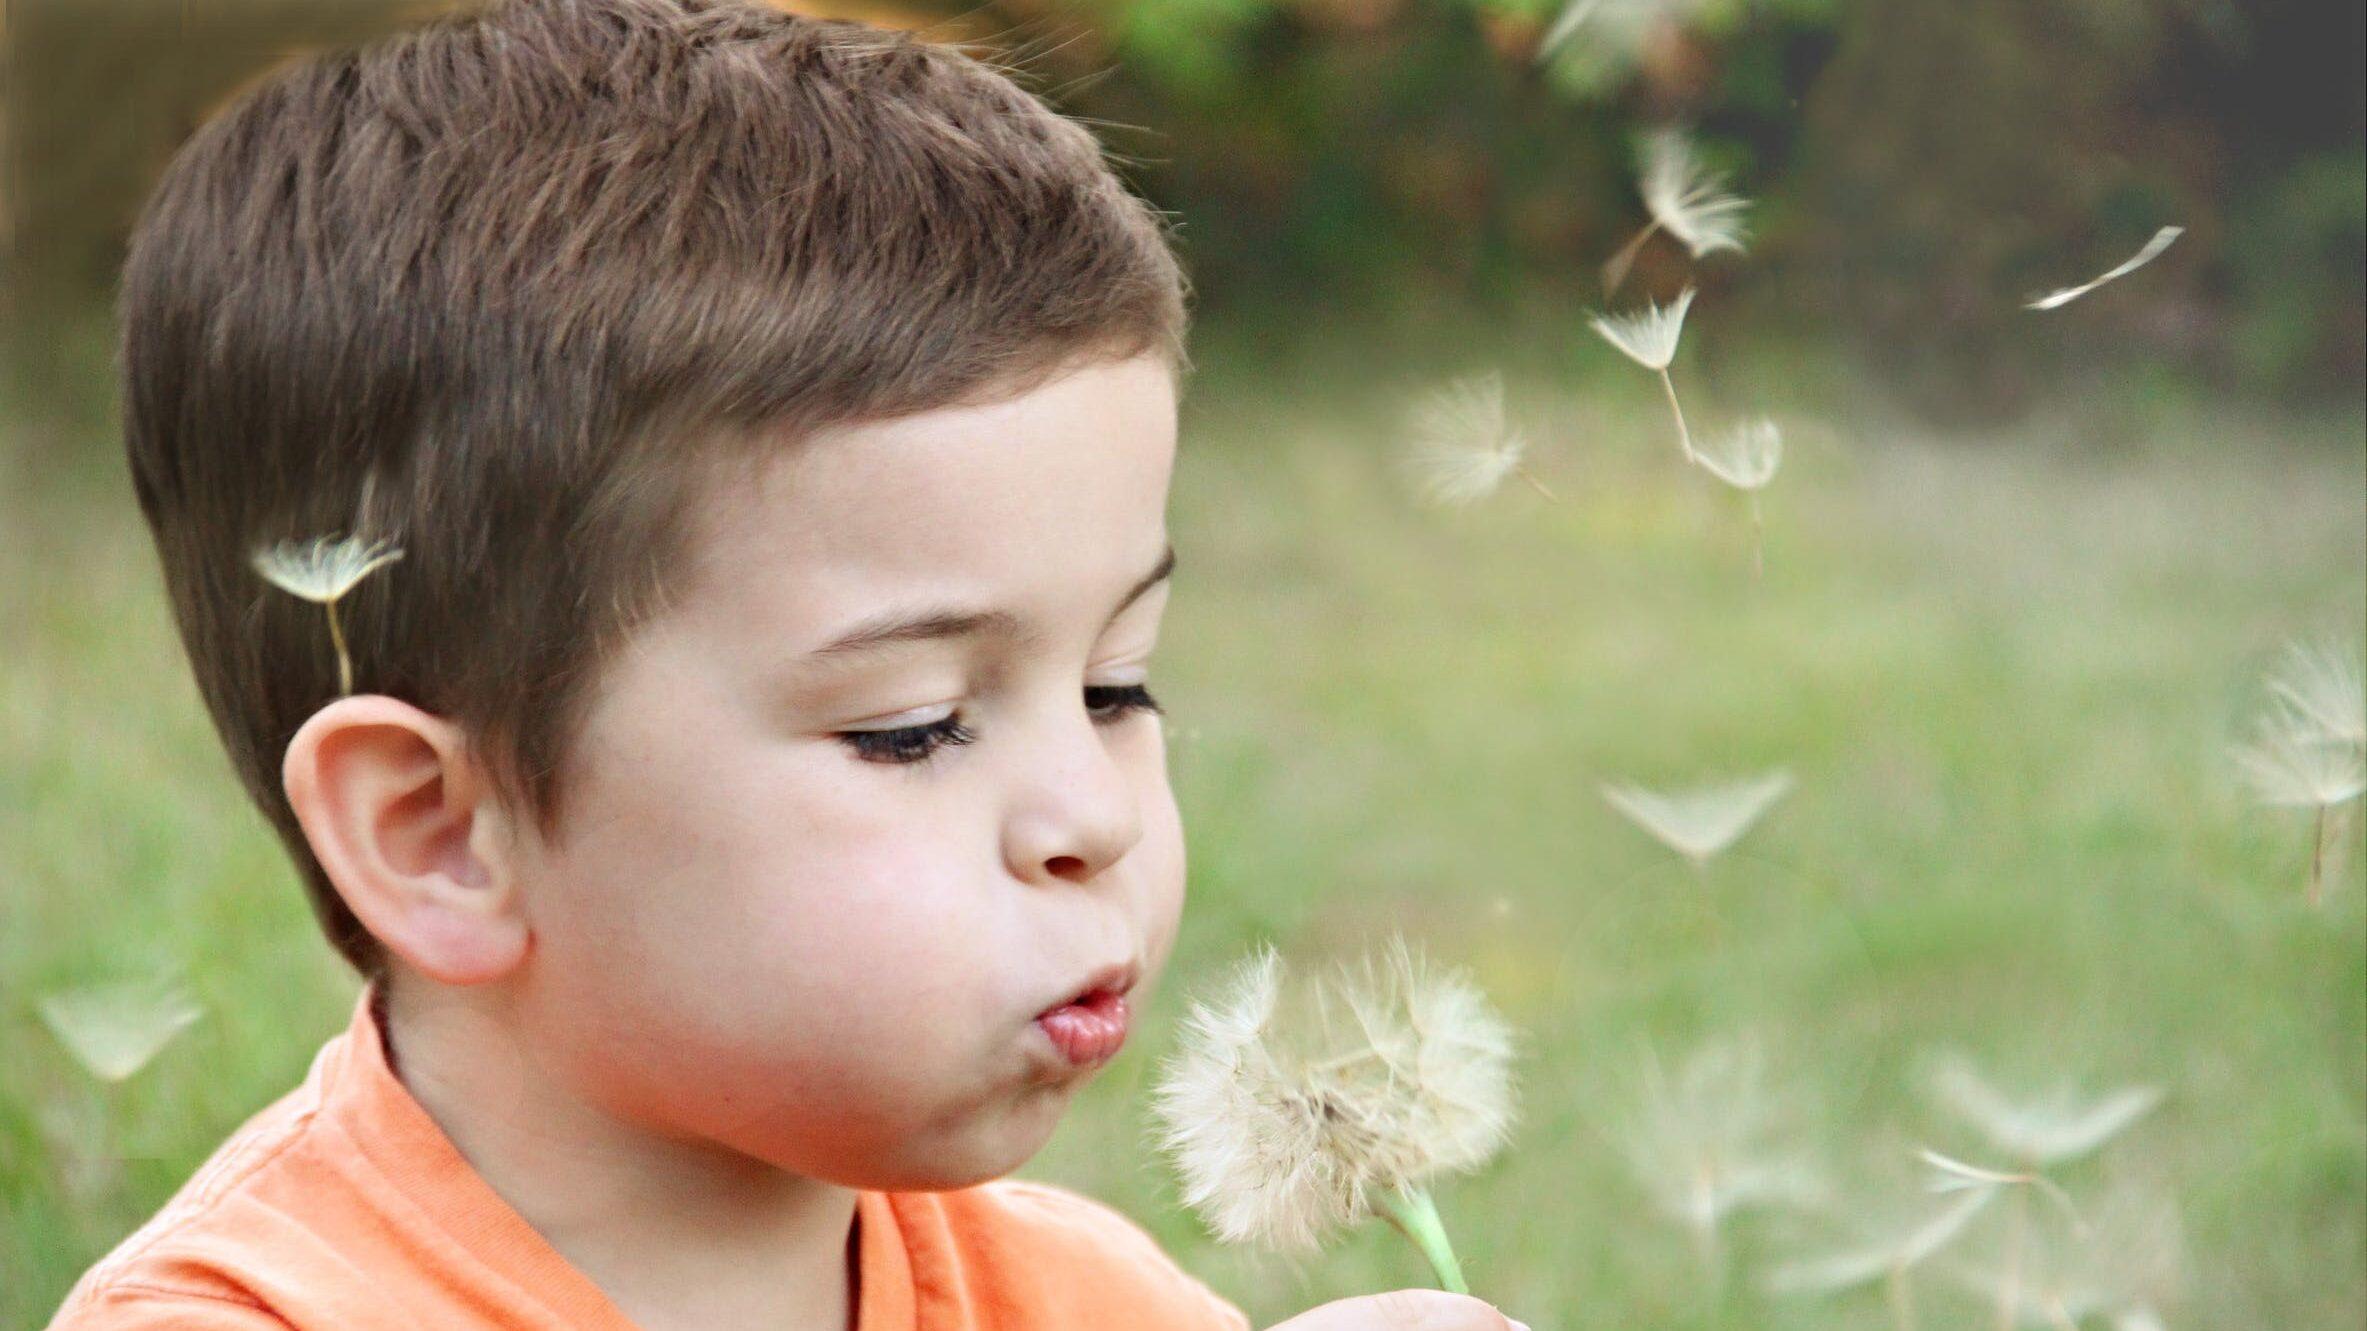 子供(幼児)が興味や関心を持つ身近なもののランキングのイメージ画像4